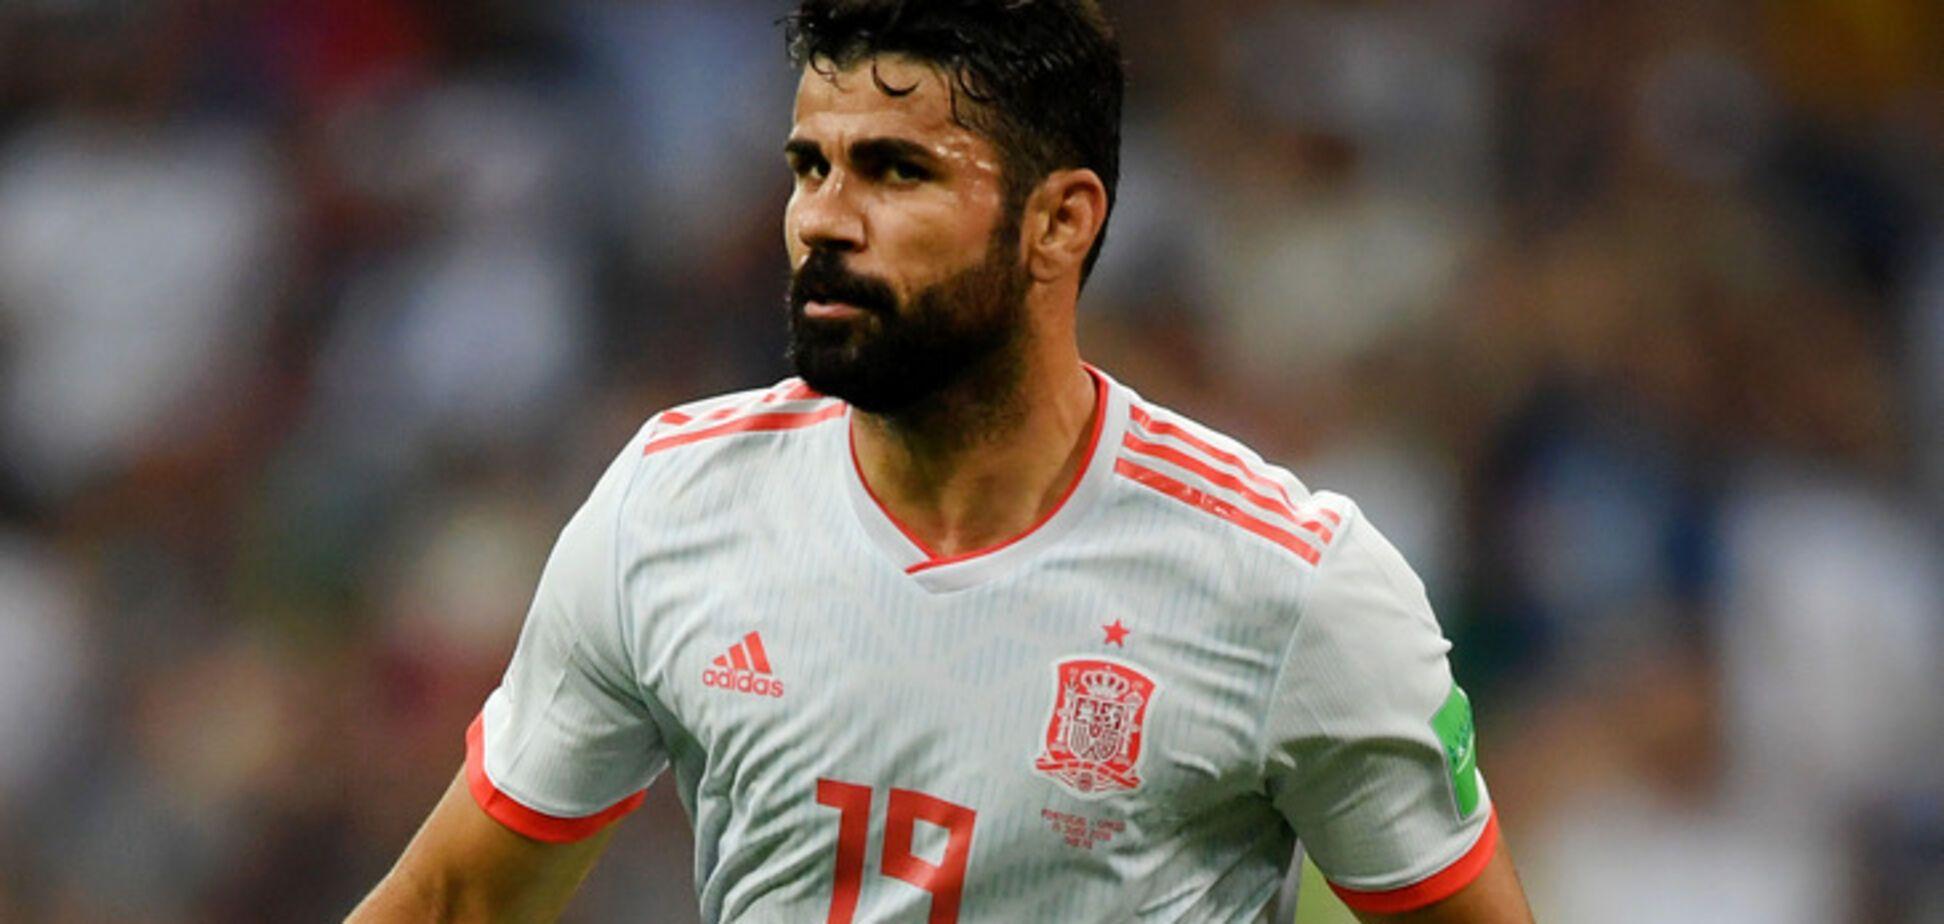 Іран - Іспанія: де дивитися, прогноз на матч ЧС-2018